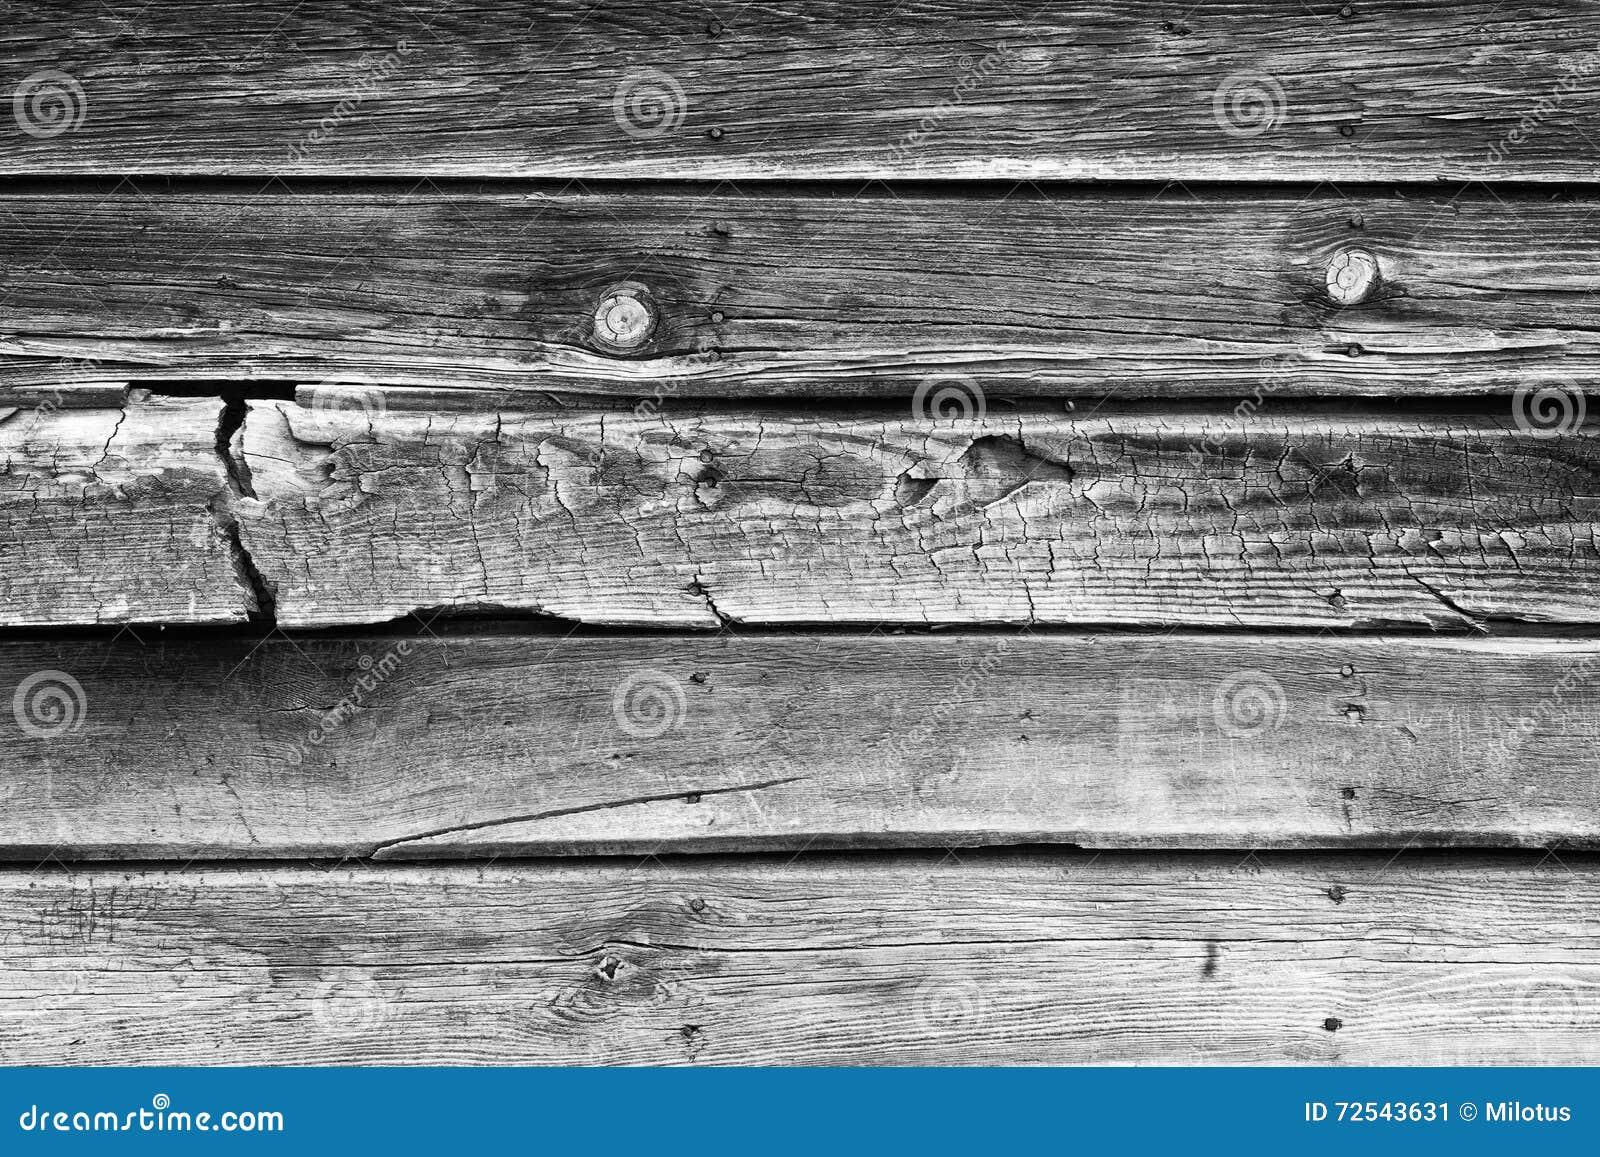 Legno Naturale Bianco : Retro fondo di legno naturale incrinato in bianco e nero